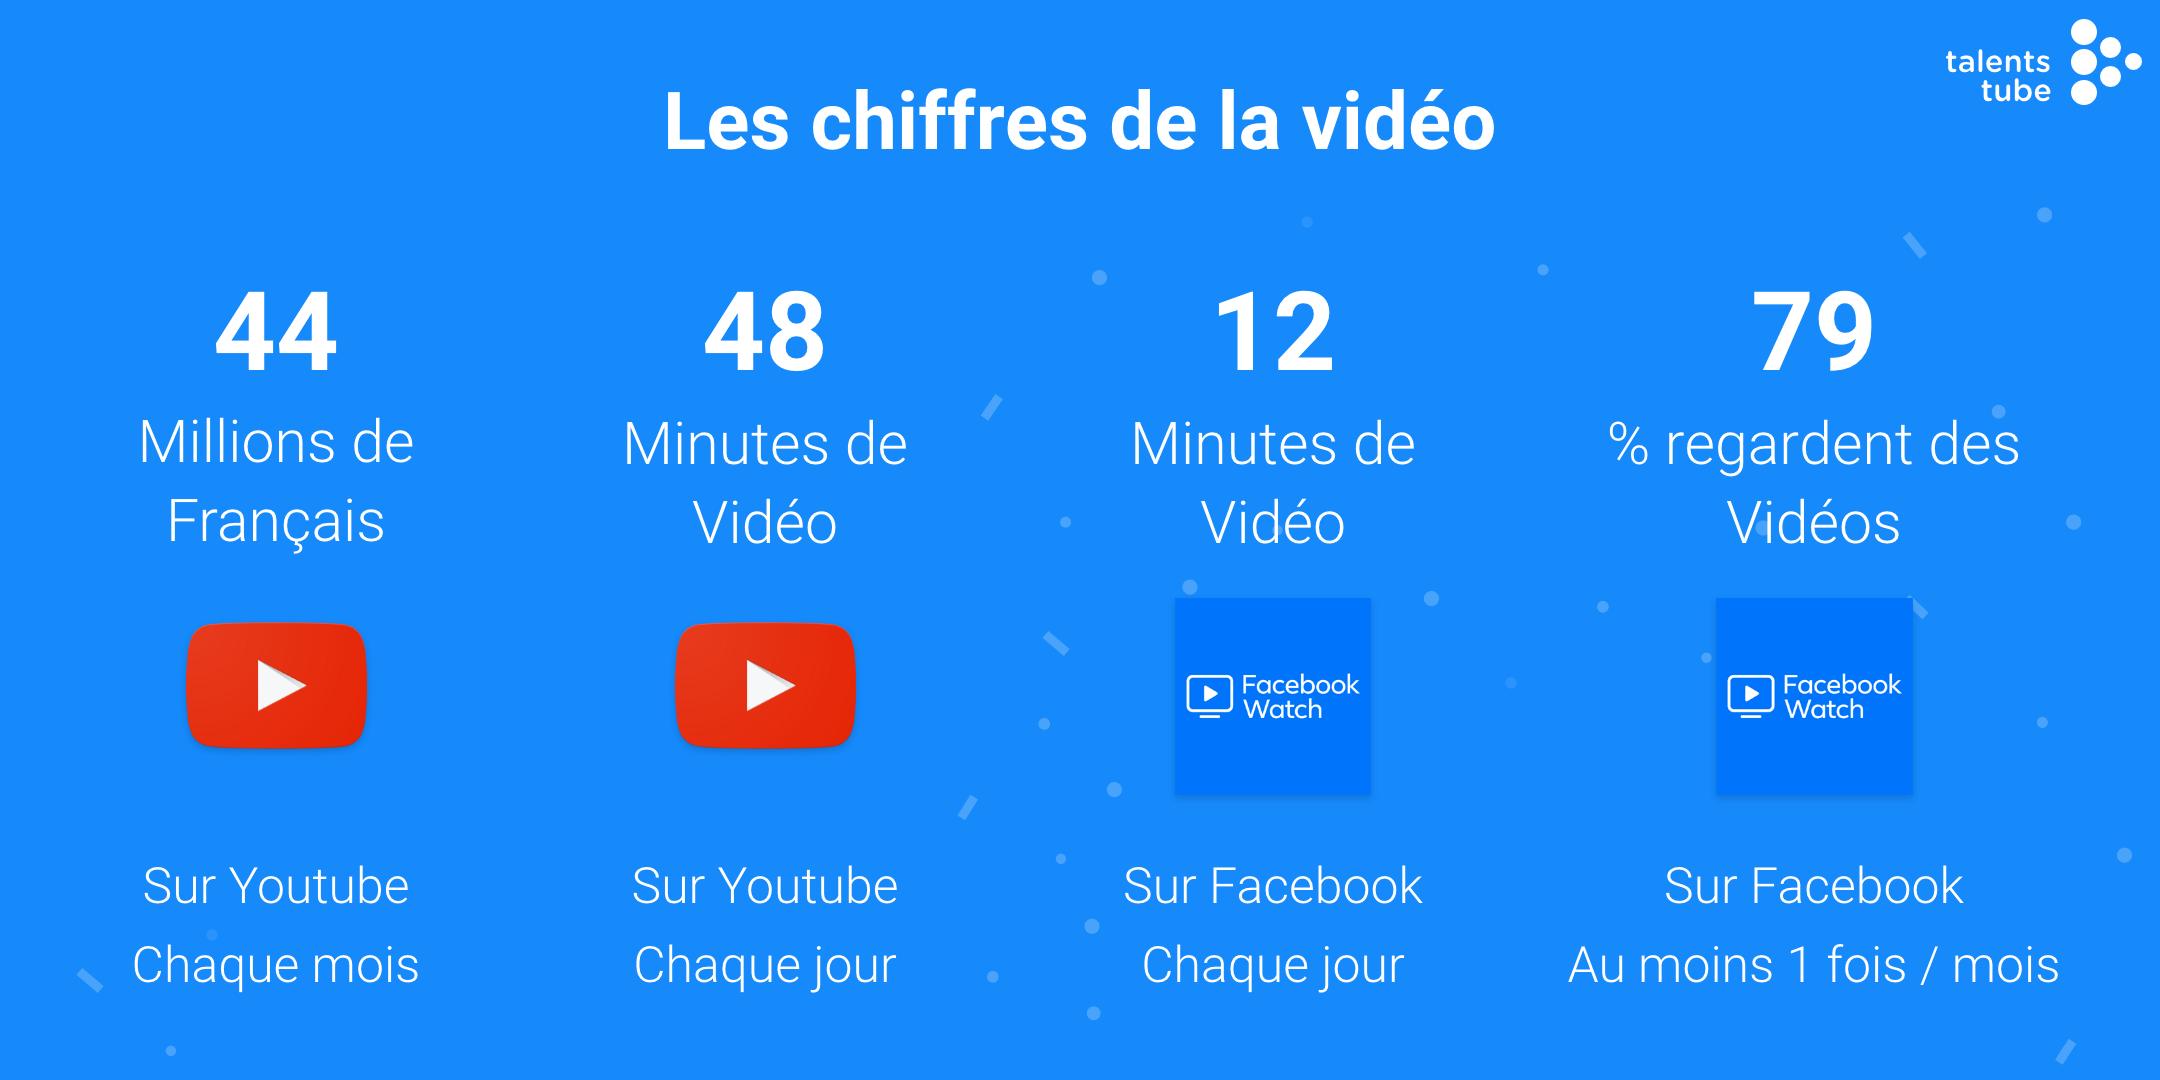 Les chiffres de la vidéo en 2020